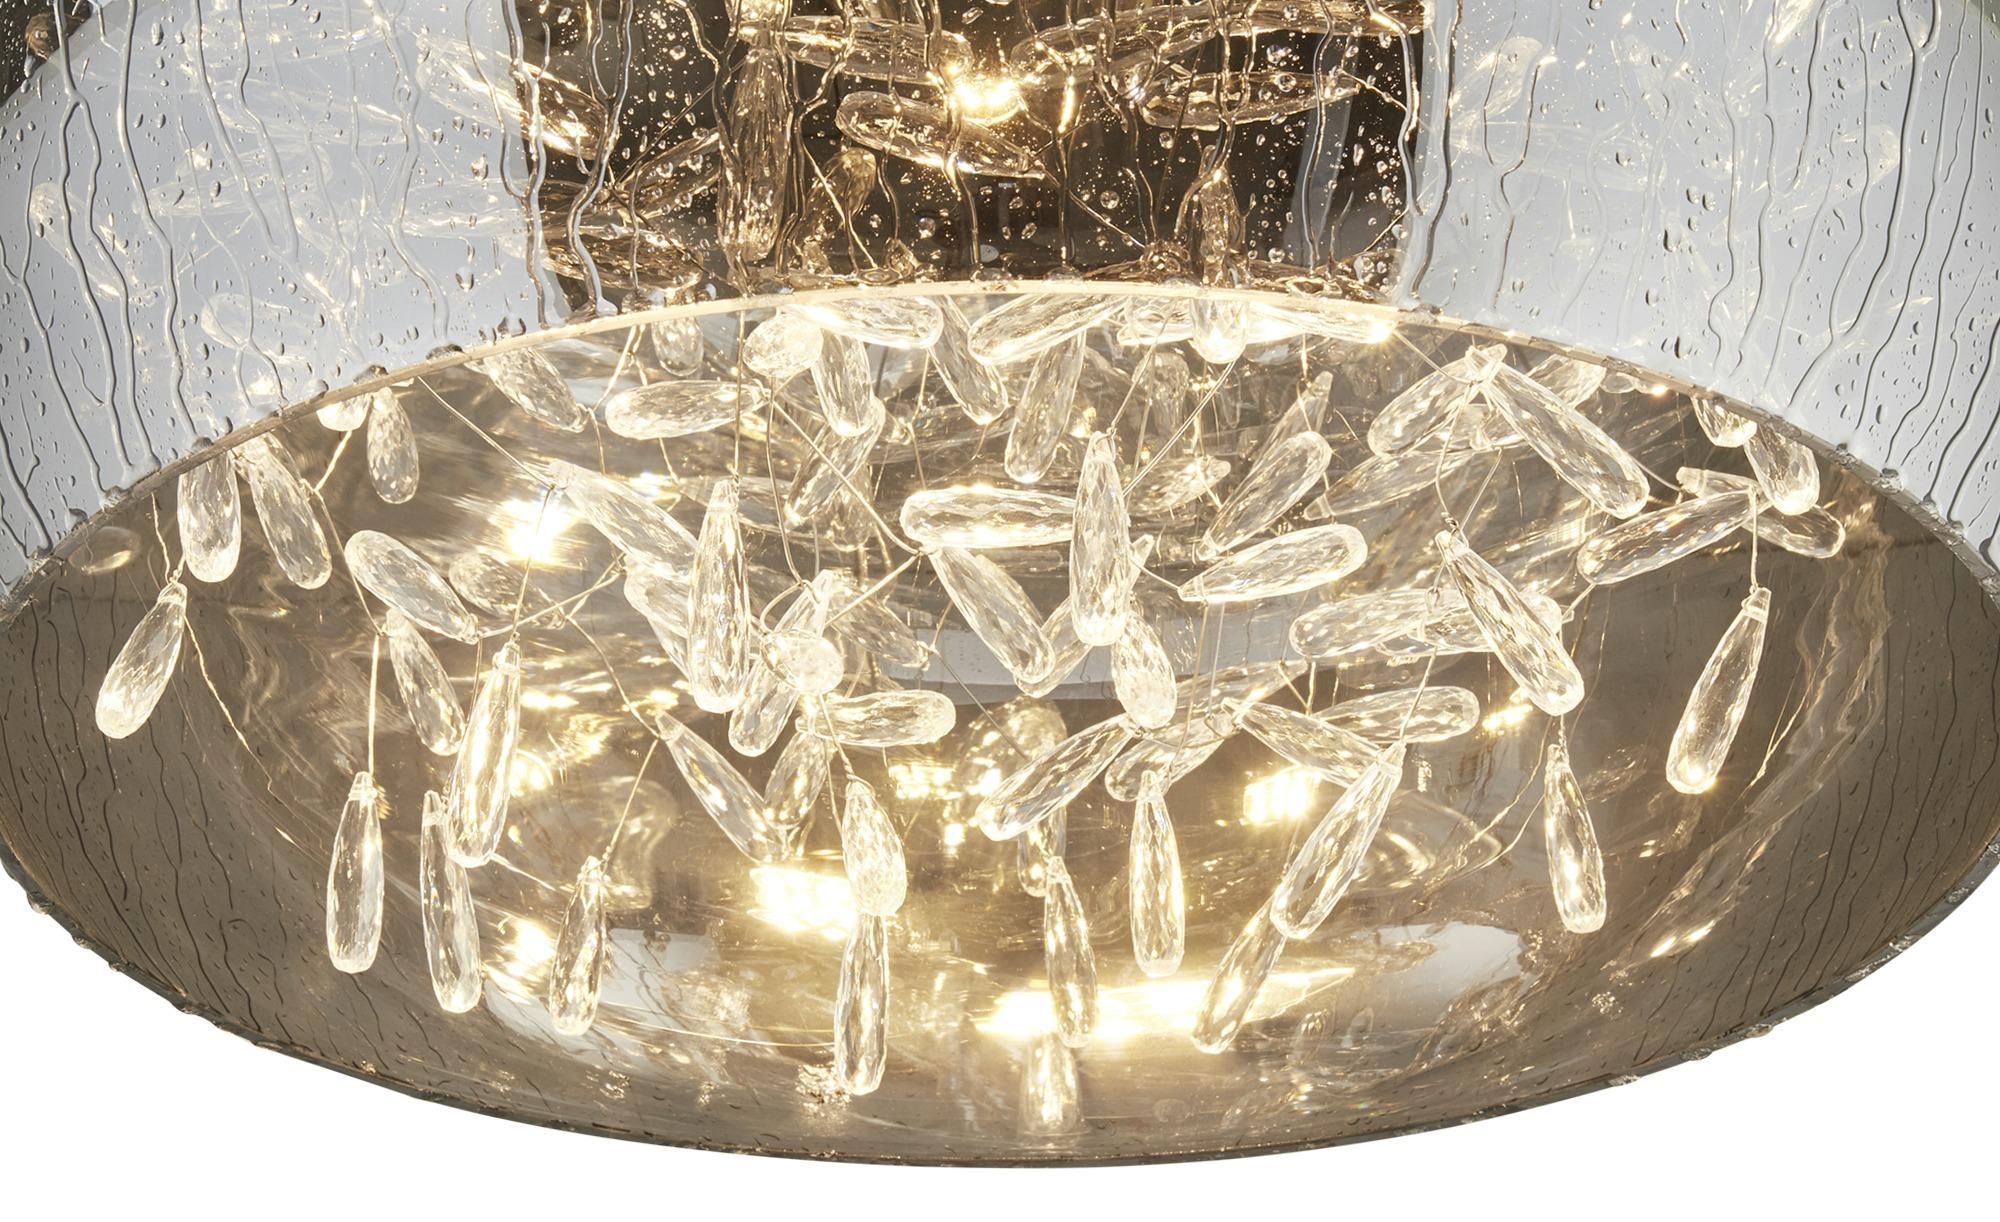 HOME STORY LED-Deckenleuchte, Rauchglas mit Acryltropfen ¦ silber ¦ Maße (cm): H: 31 Ø: 39.5 Lampen & Leuchten > Innenleuchten > Deckenleuchten - Höffner